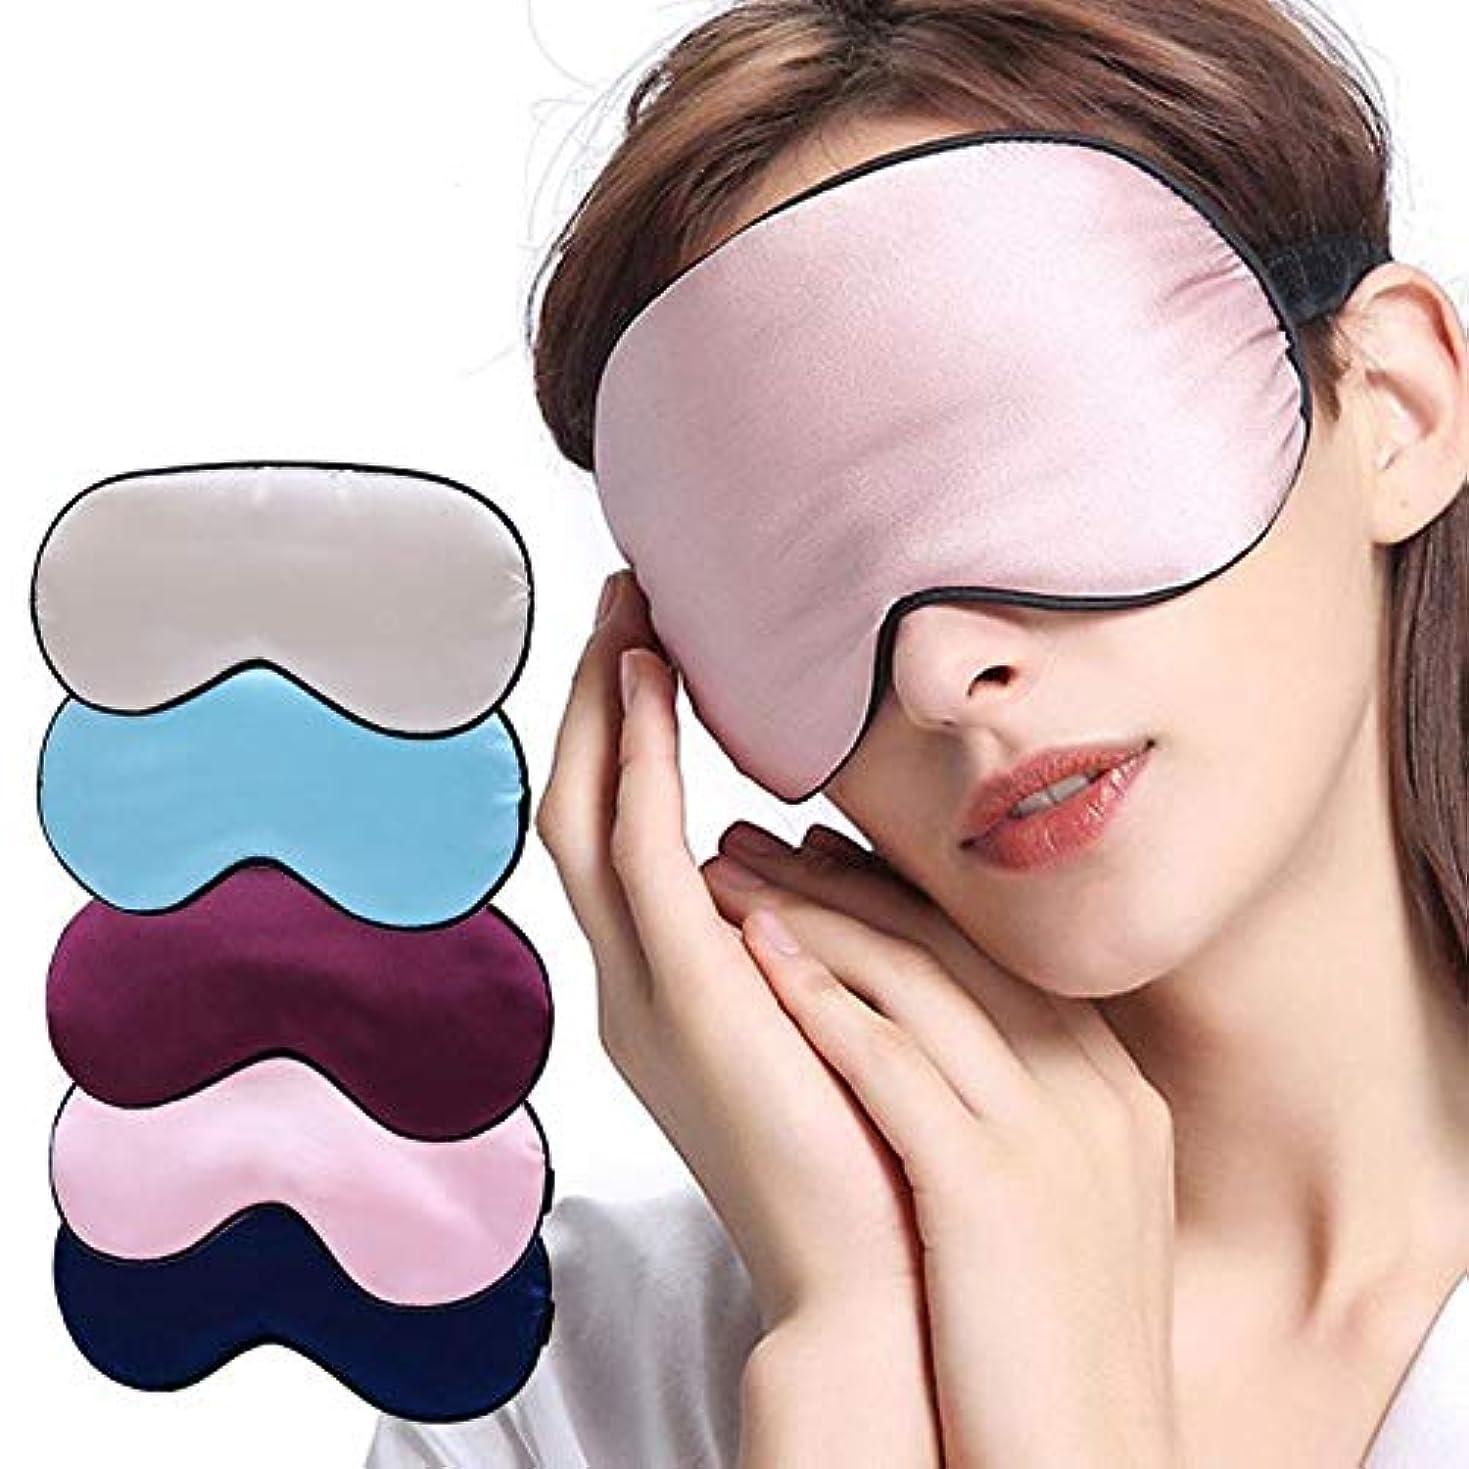 漏れ本を読むゴム注意シルクスリープマスクしなやかアイシェードポータブルトラベルアイパッチ通気性のある休憩目隠しアイカバーナイトスリーピングマスクL3